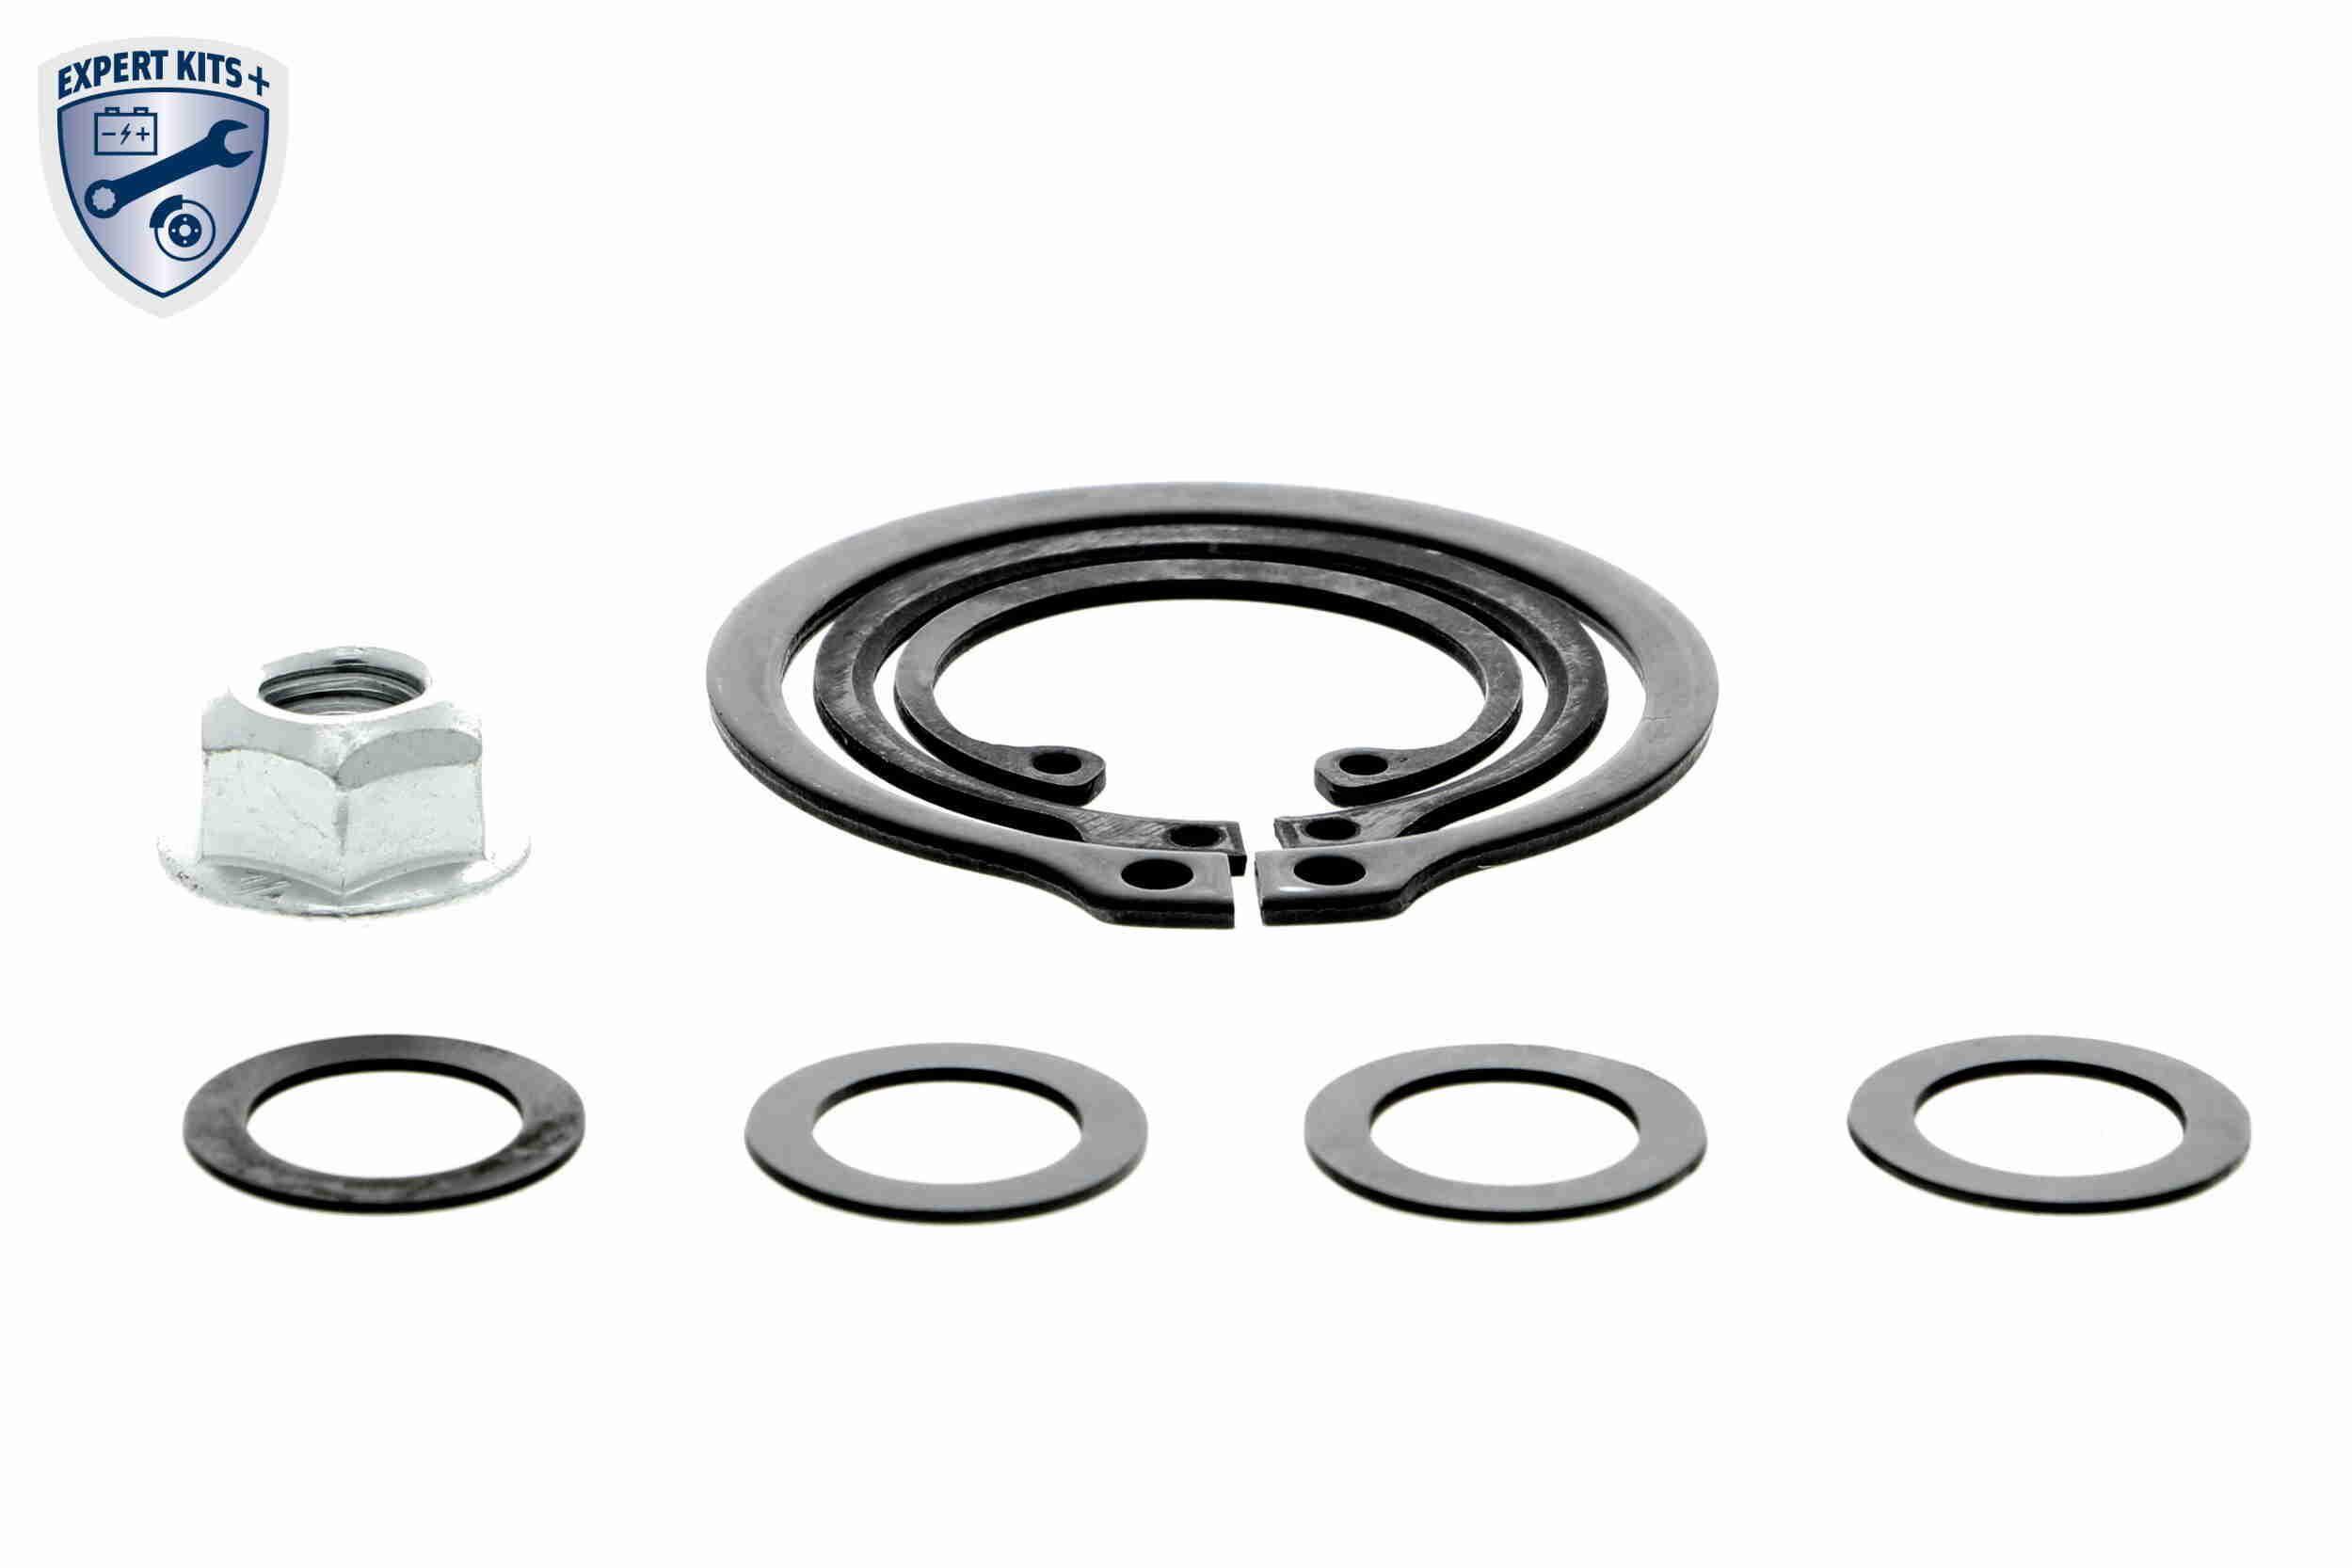 V40771002 Magnetkupplung VEMO 6854015 - Große Auswahl - stark reduziert